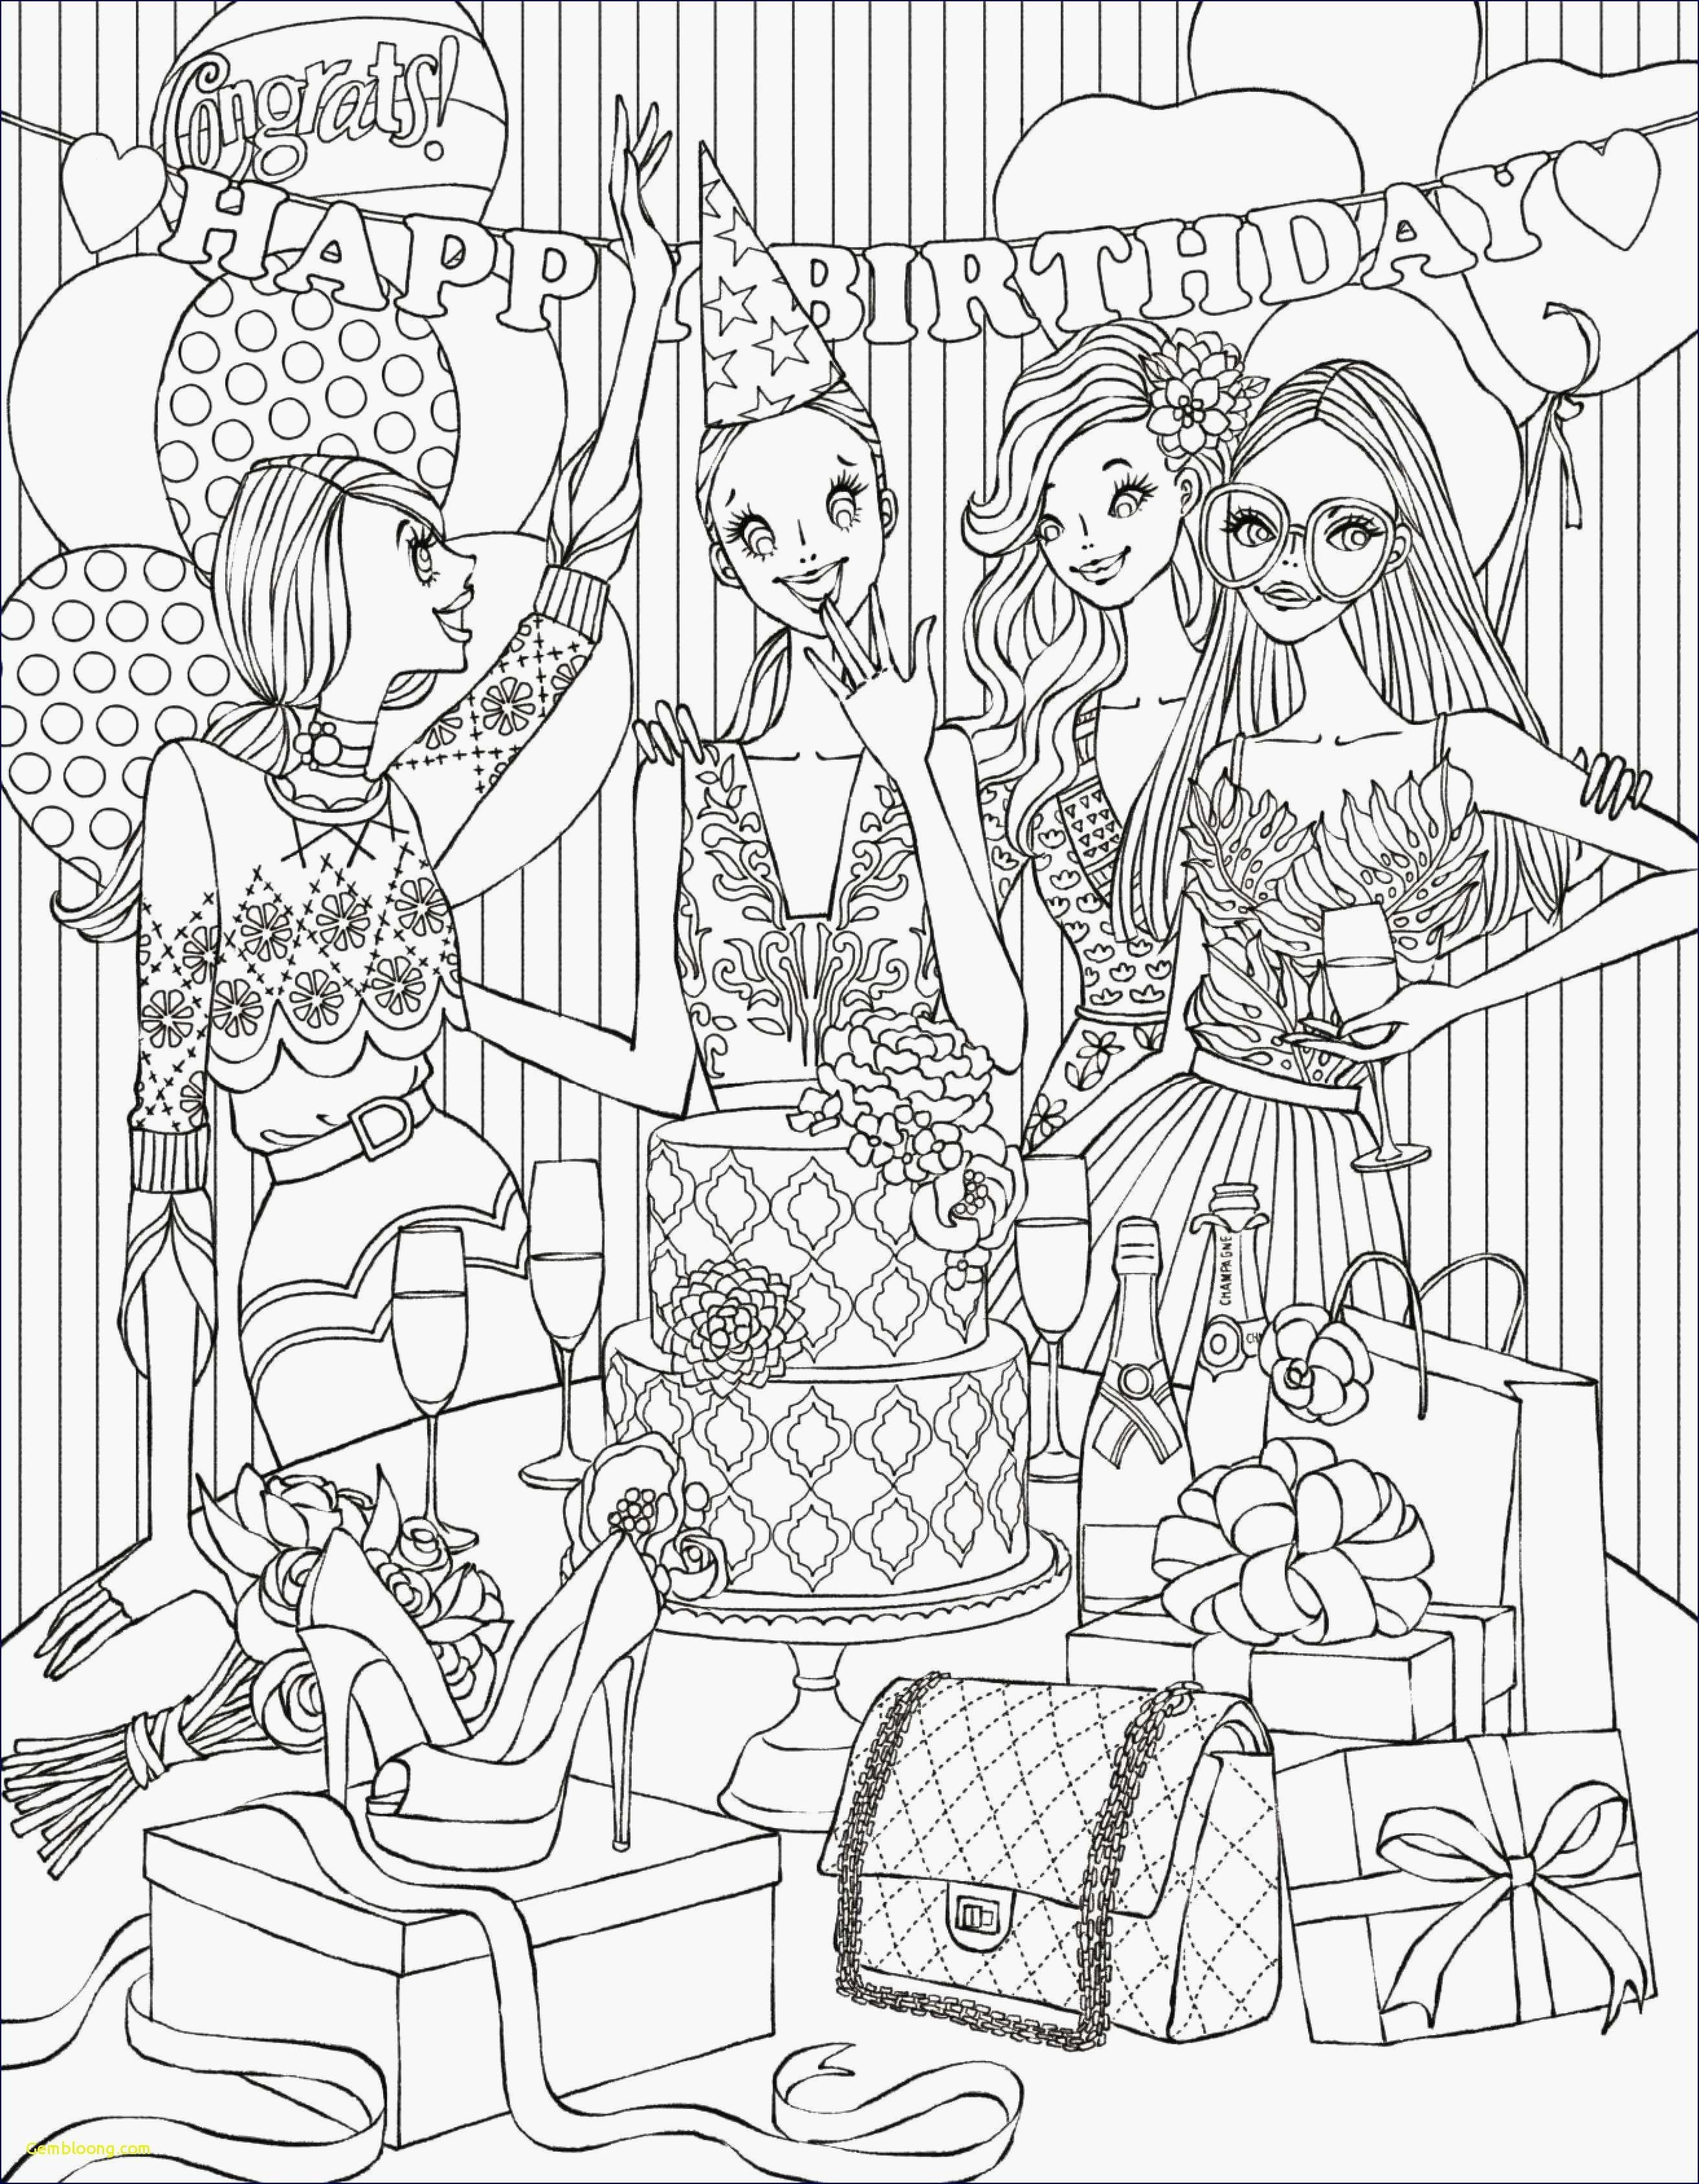 Elena Von Avalor Ausmalbilder Das Beste Von Ausmalbilder Für Kinder °Å¸Å½¨ Malbuch Für Kinder °Å¸ ¢ Youtube Elegant Sammlung